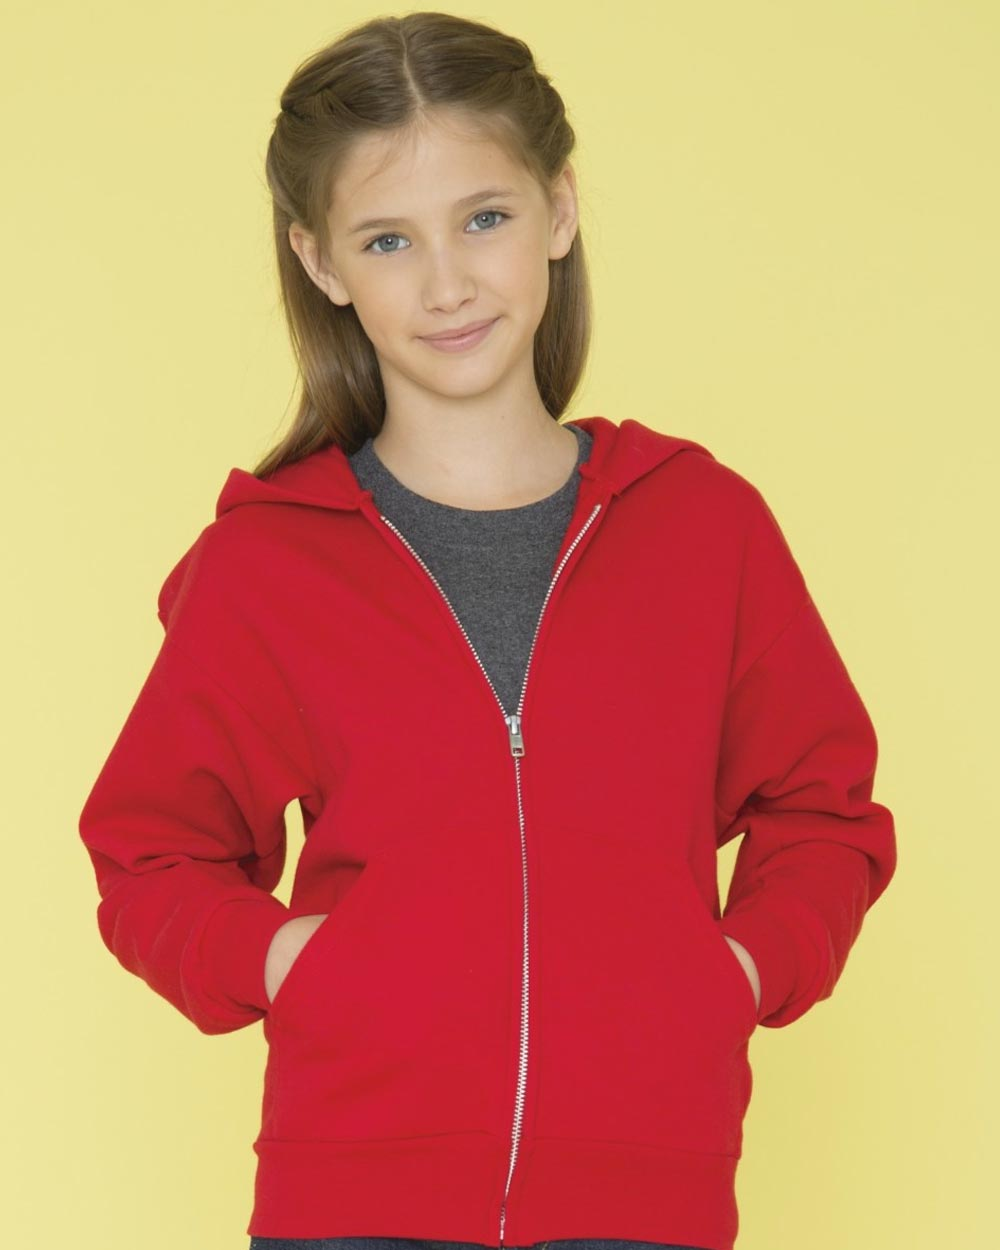 ATC Y2600 - Everyday Fleece Full-Zip Hooded Youth Sweatshirt